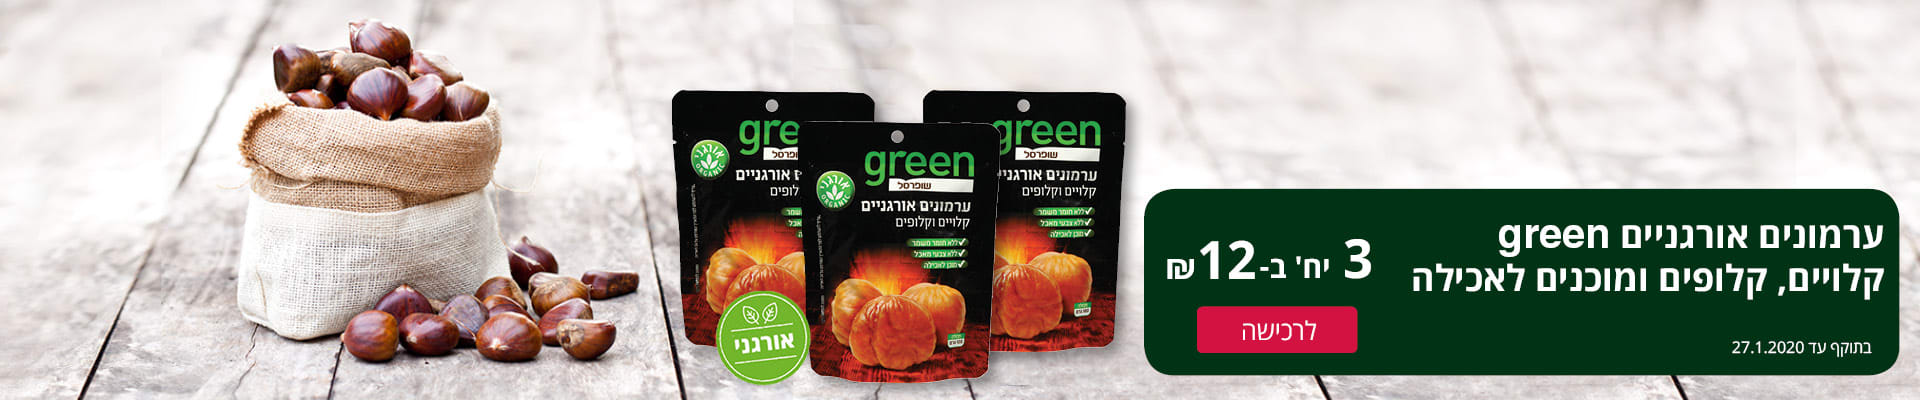 ערמונים אורגניים green קלויים, קלופים ומוכנים לאכילה 3 יחידות ב- 12 ₪. בתוקף עד 27.1.2020